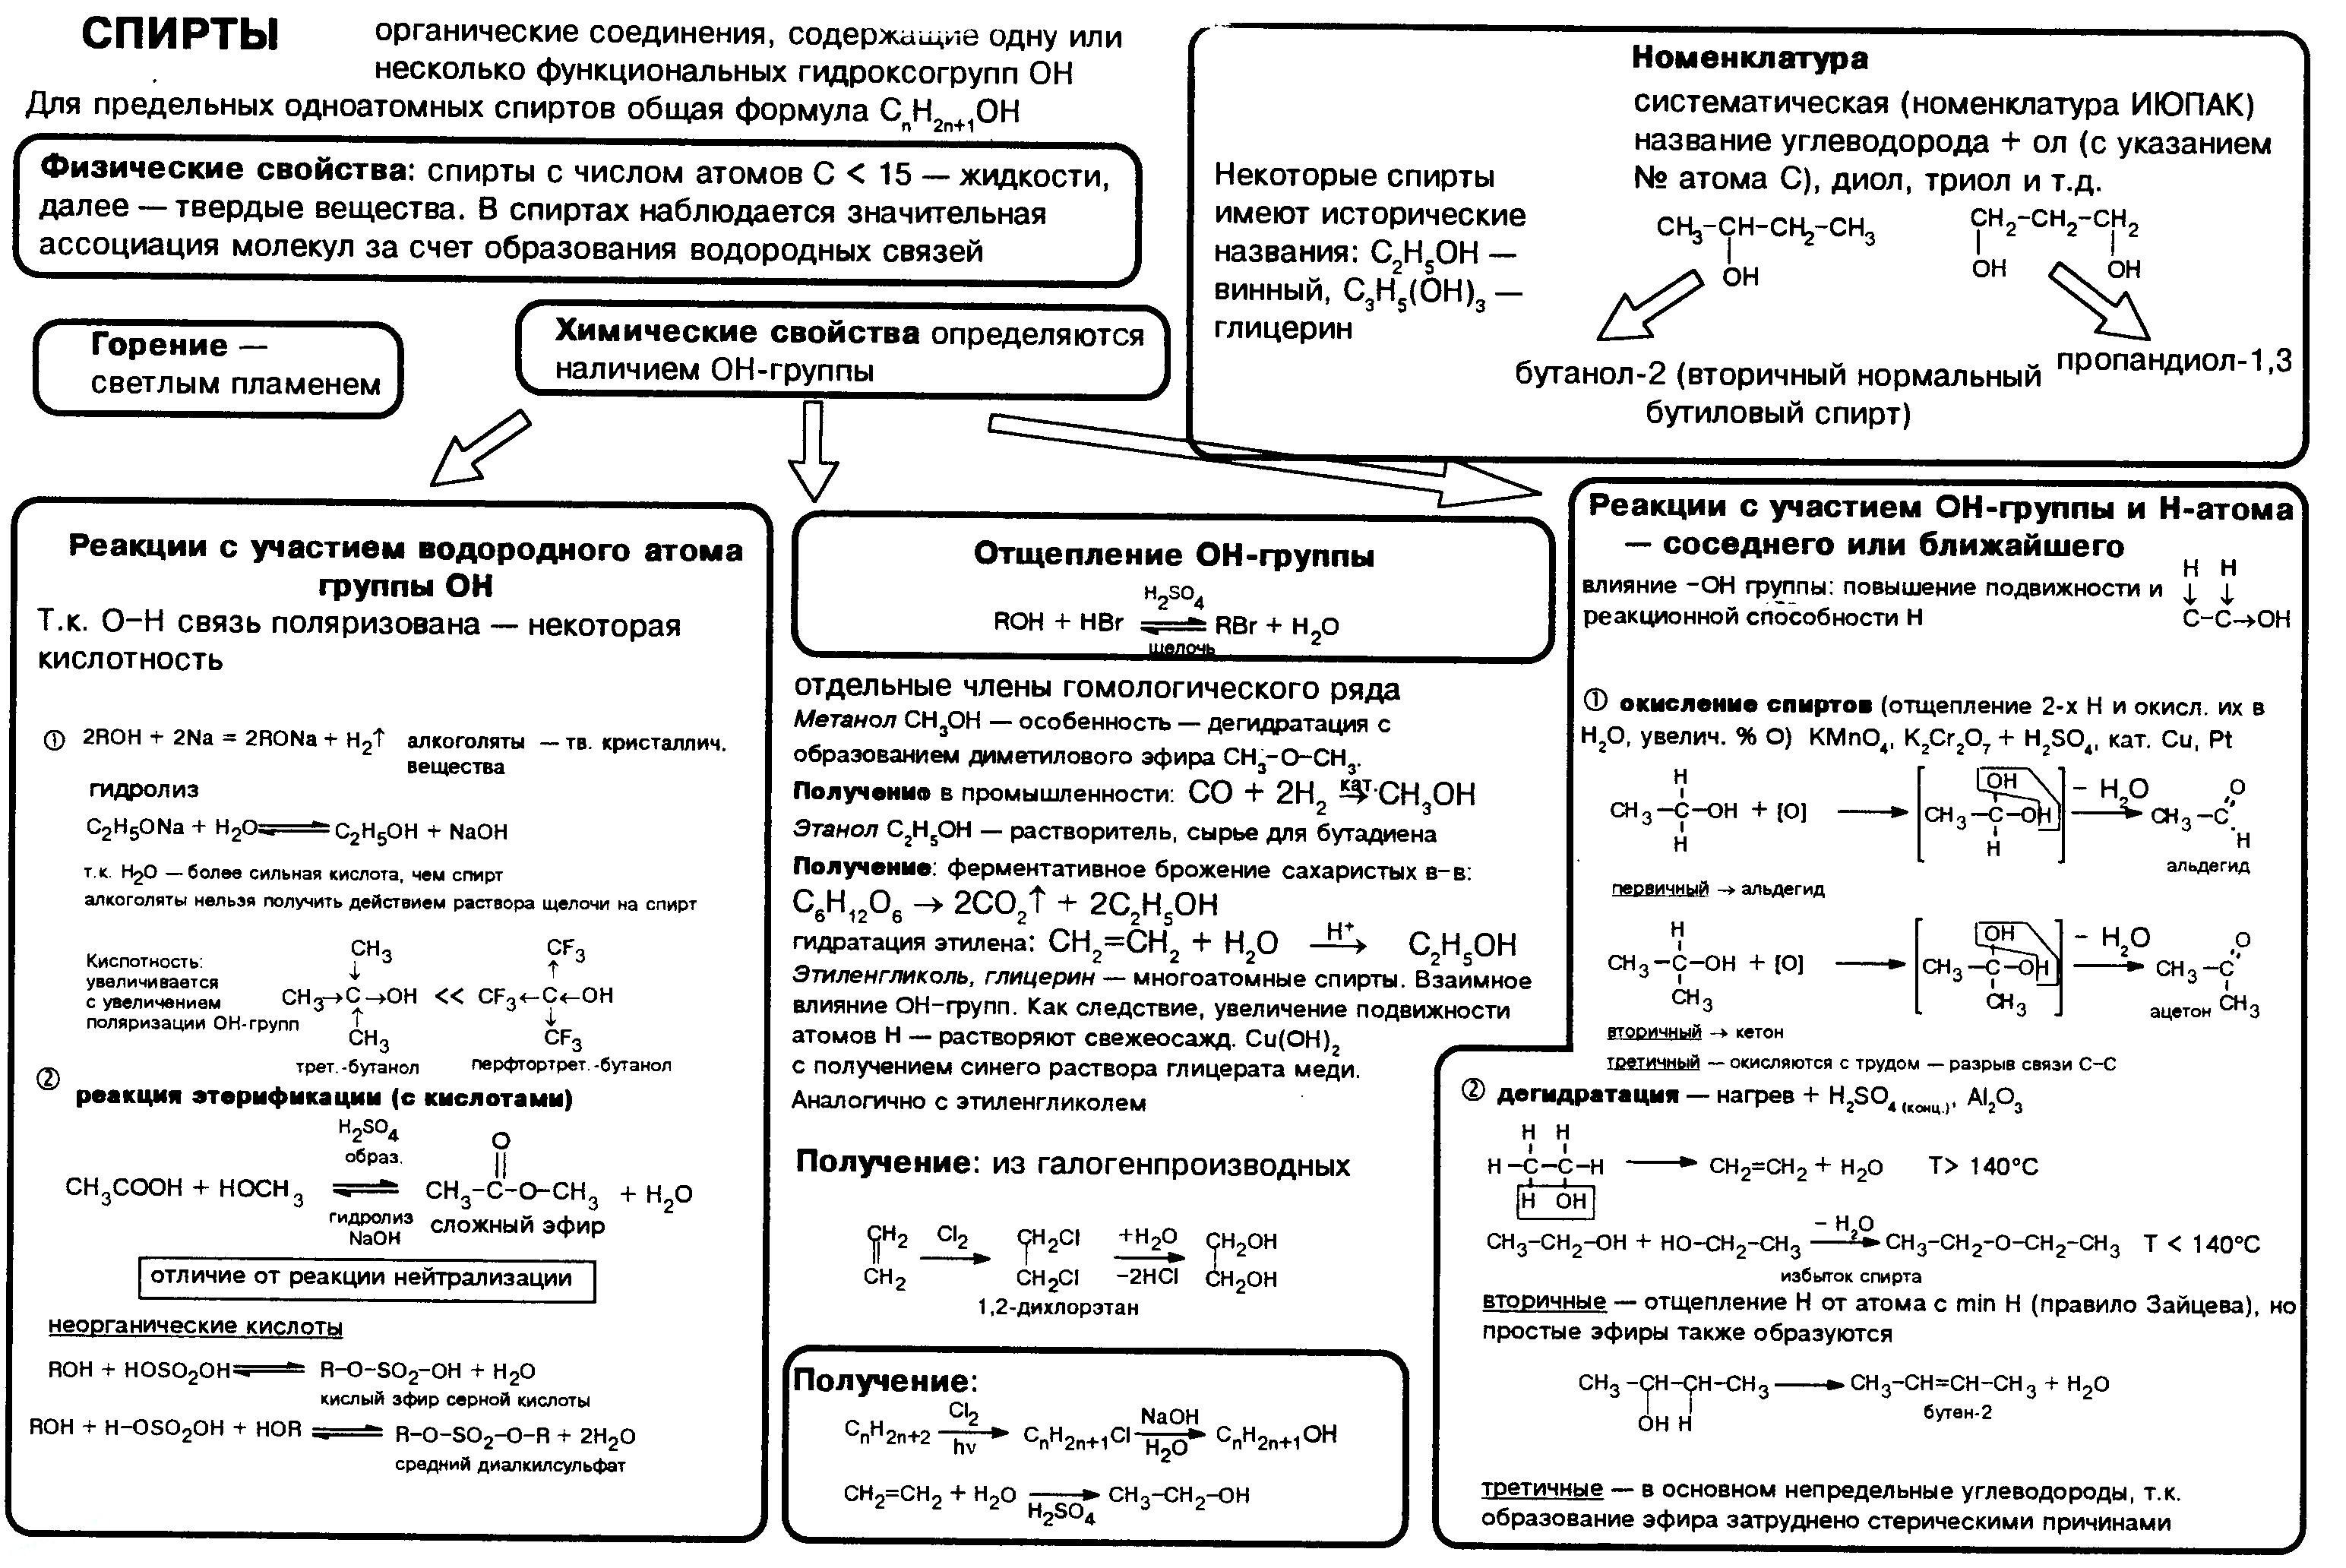 spirty-nomenklatura-poluchenie-svojstva1